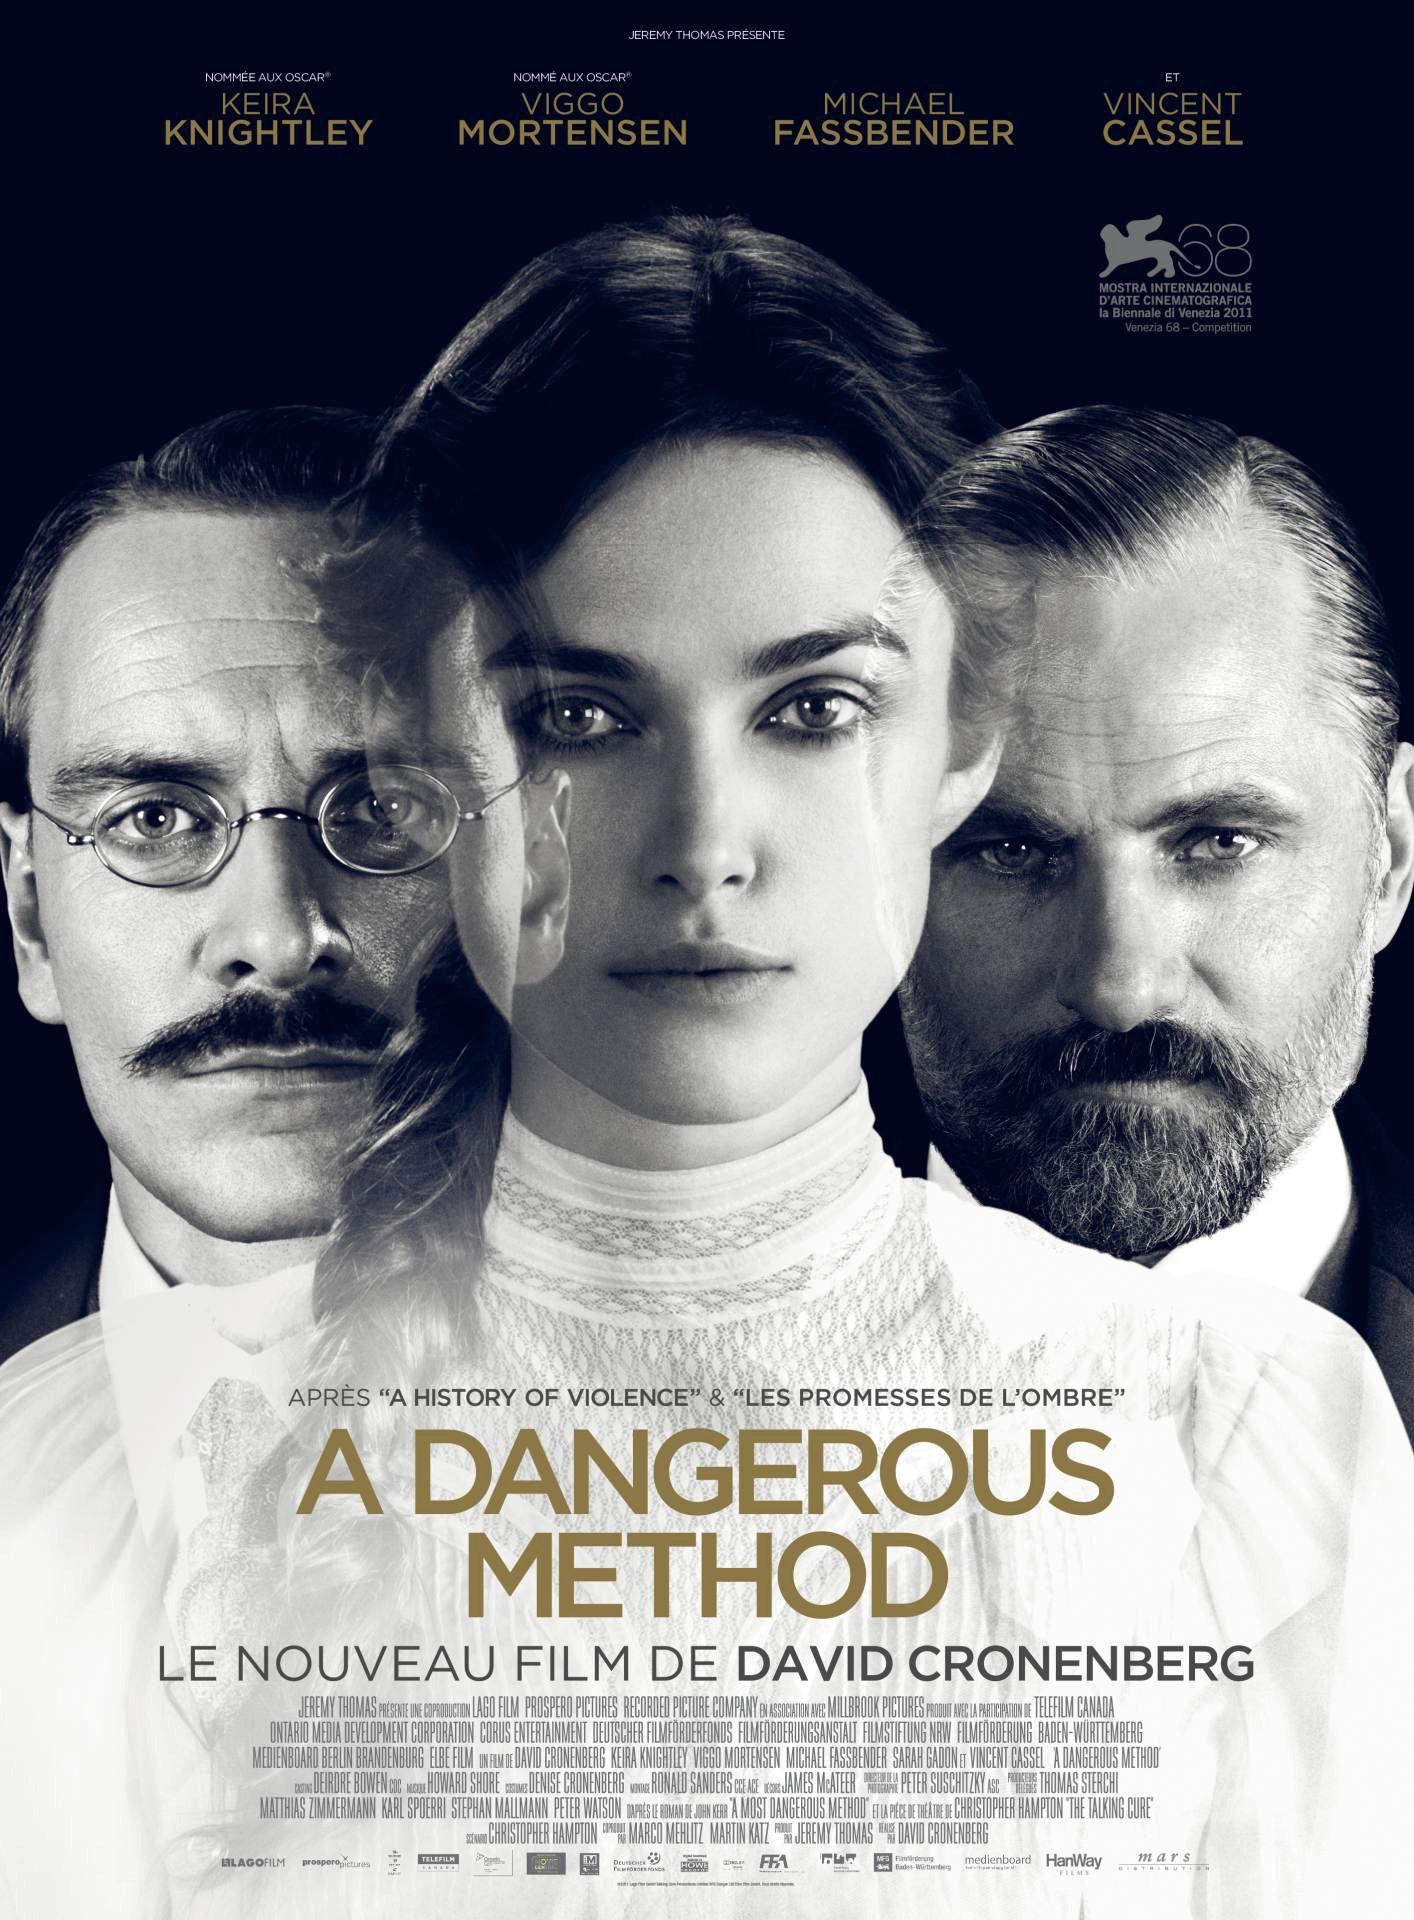 Les Promesses De L'ombre 2 : promesses, l'ombre, Theatrical, Trailer, David, Cronenberg's, Dangerous, Method'